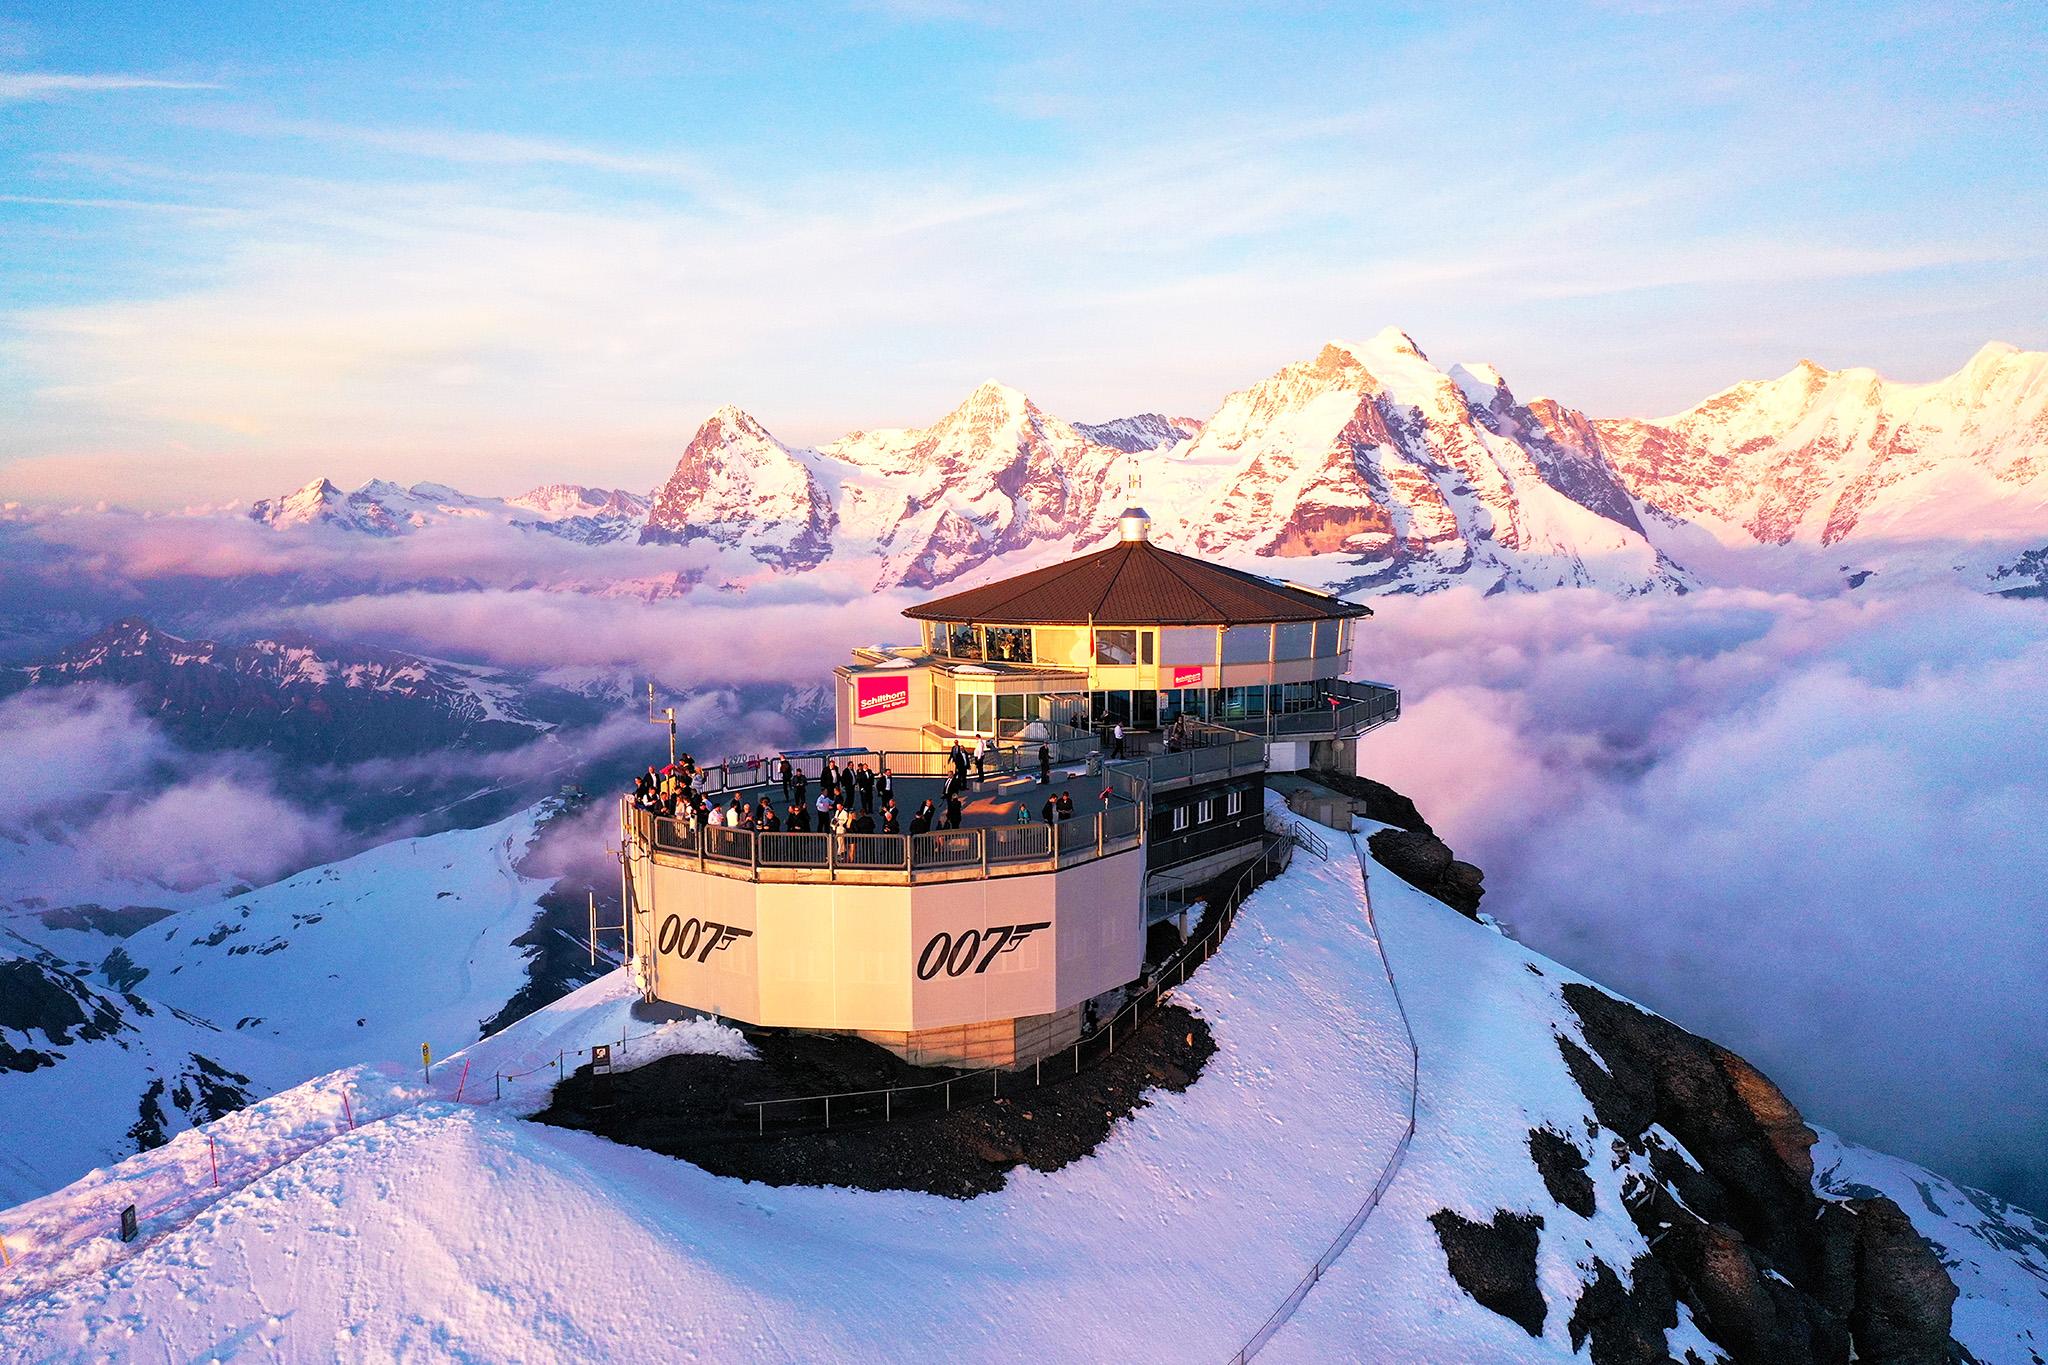 kt_2020_360_Keytours_excursions_Swisstours_interlaken_schilthorn1_2048_10